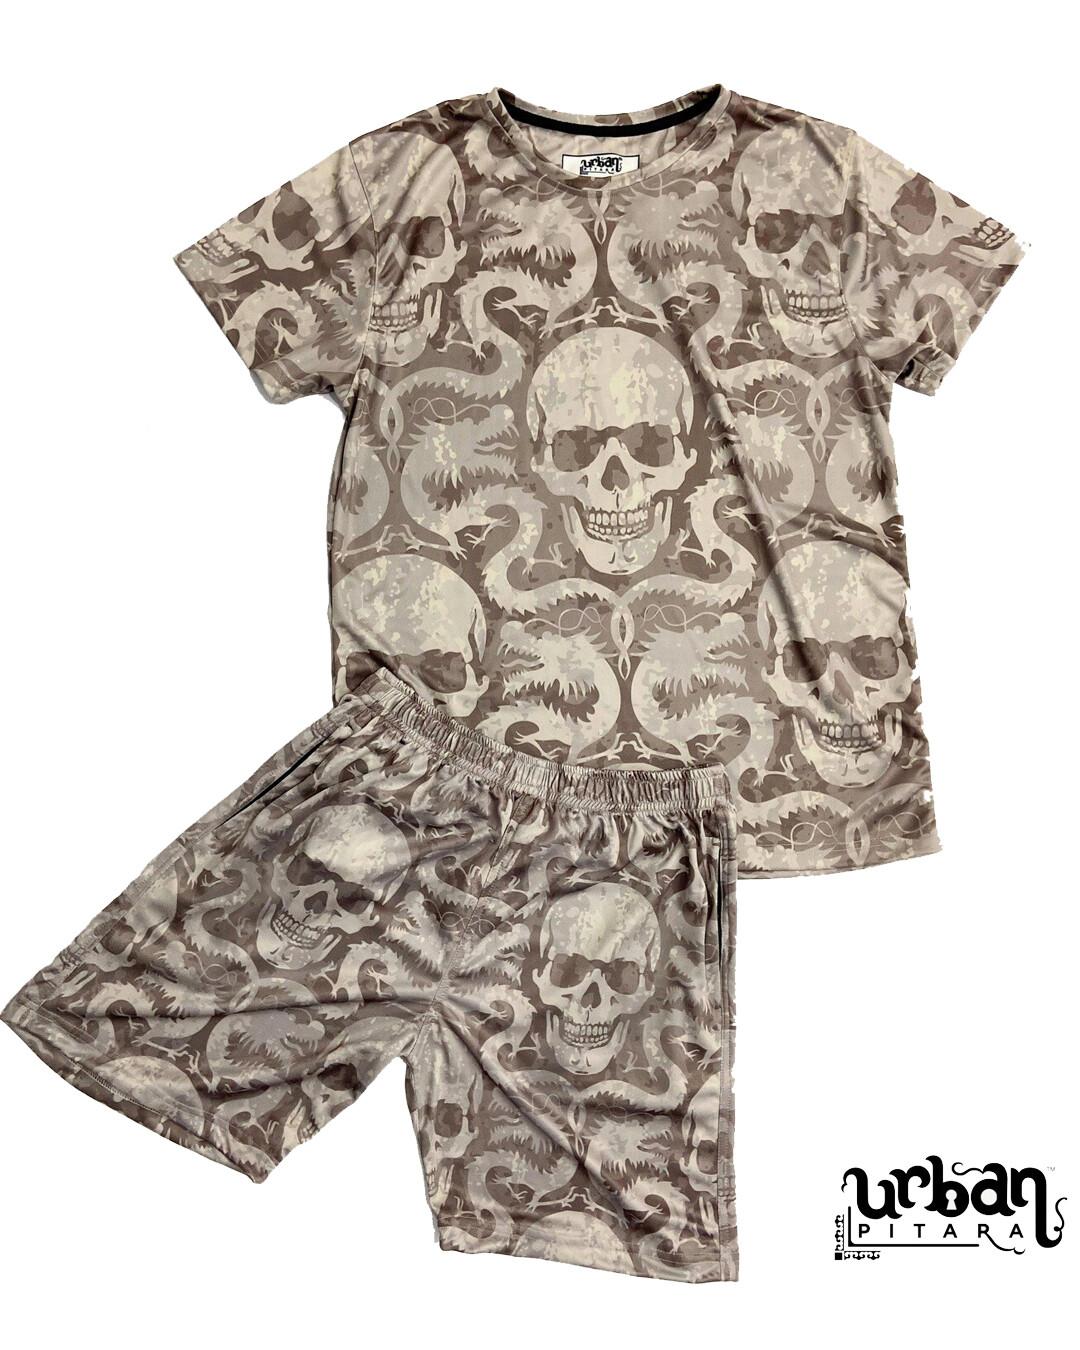 Venom Skull t-shirt and shorts Combo